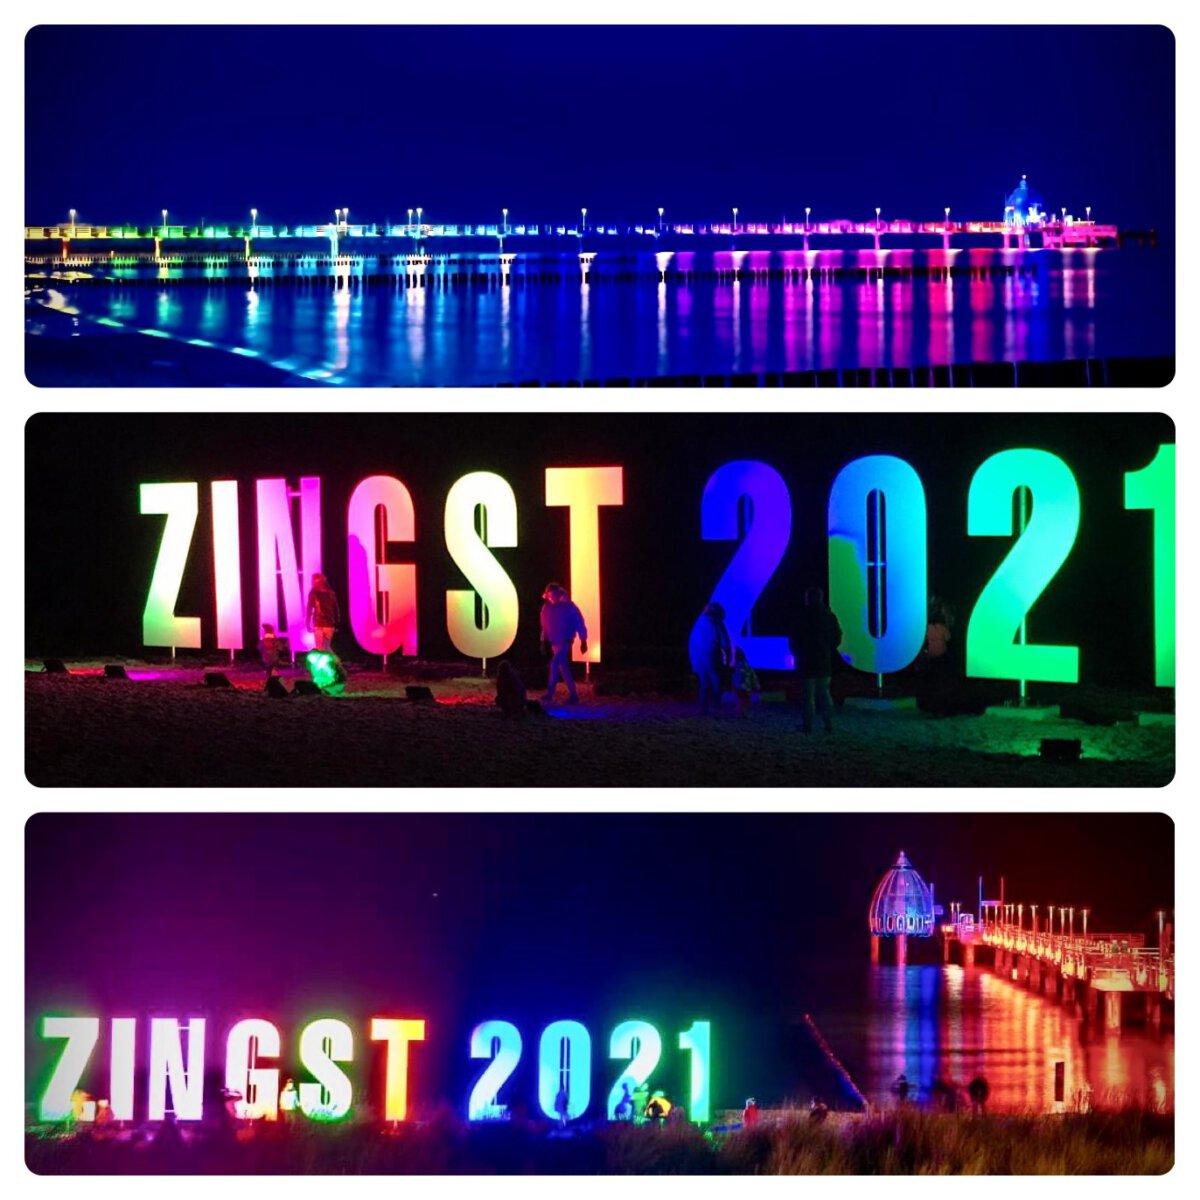 Blogeintrag: ZINGST 2021. Wir wünschen allen ein gesundes und fröhliches Jahr.